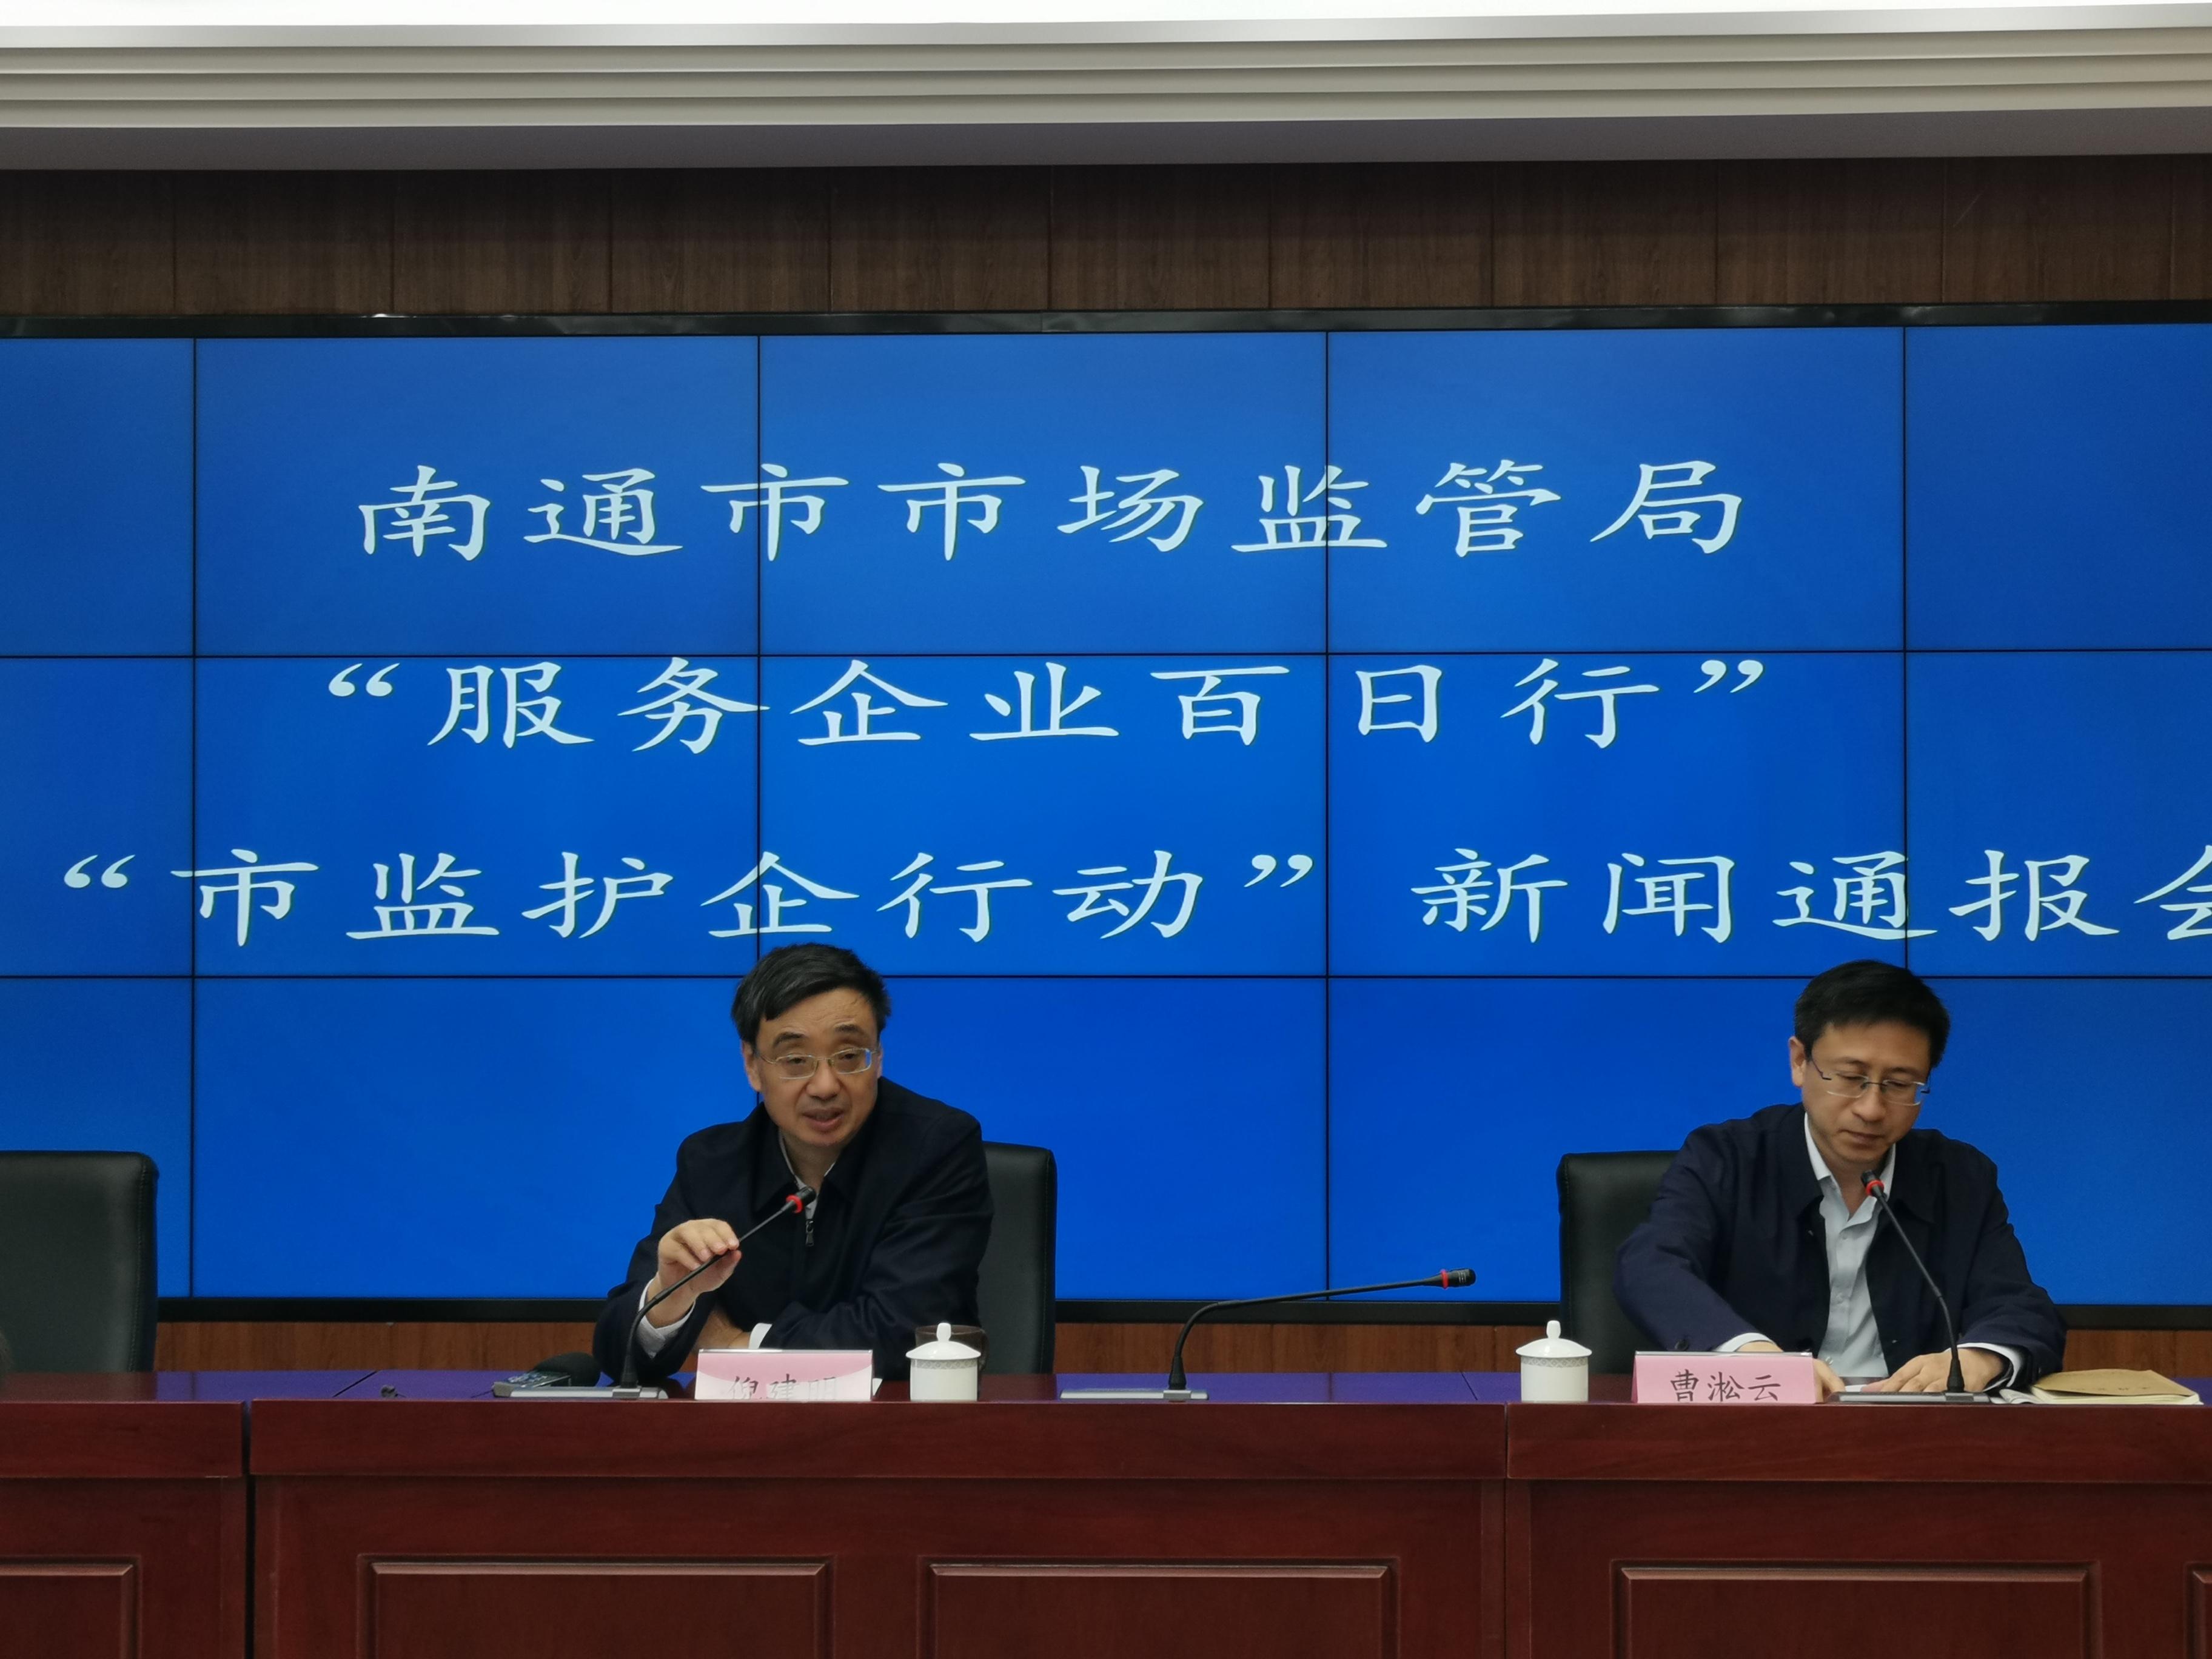 http://www.nthuaimage.com/nantongfangchan/31528.html